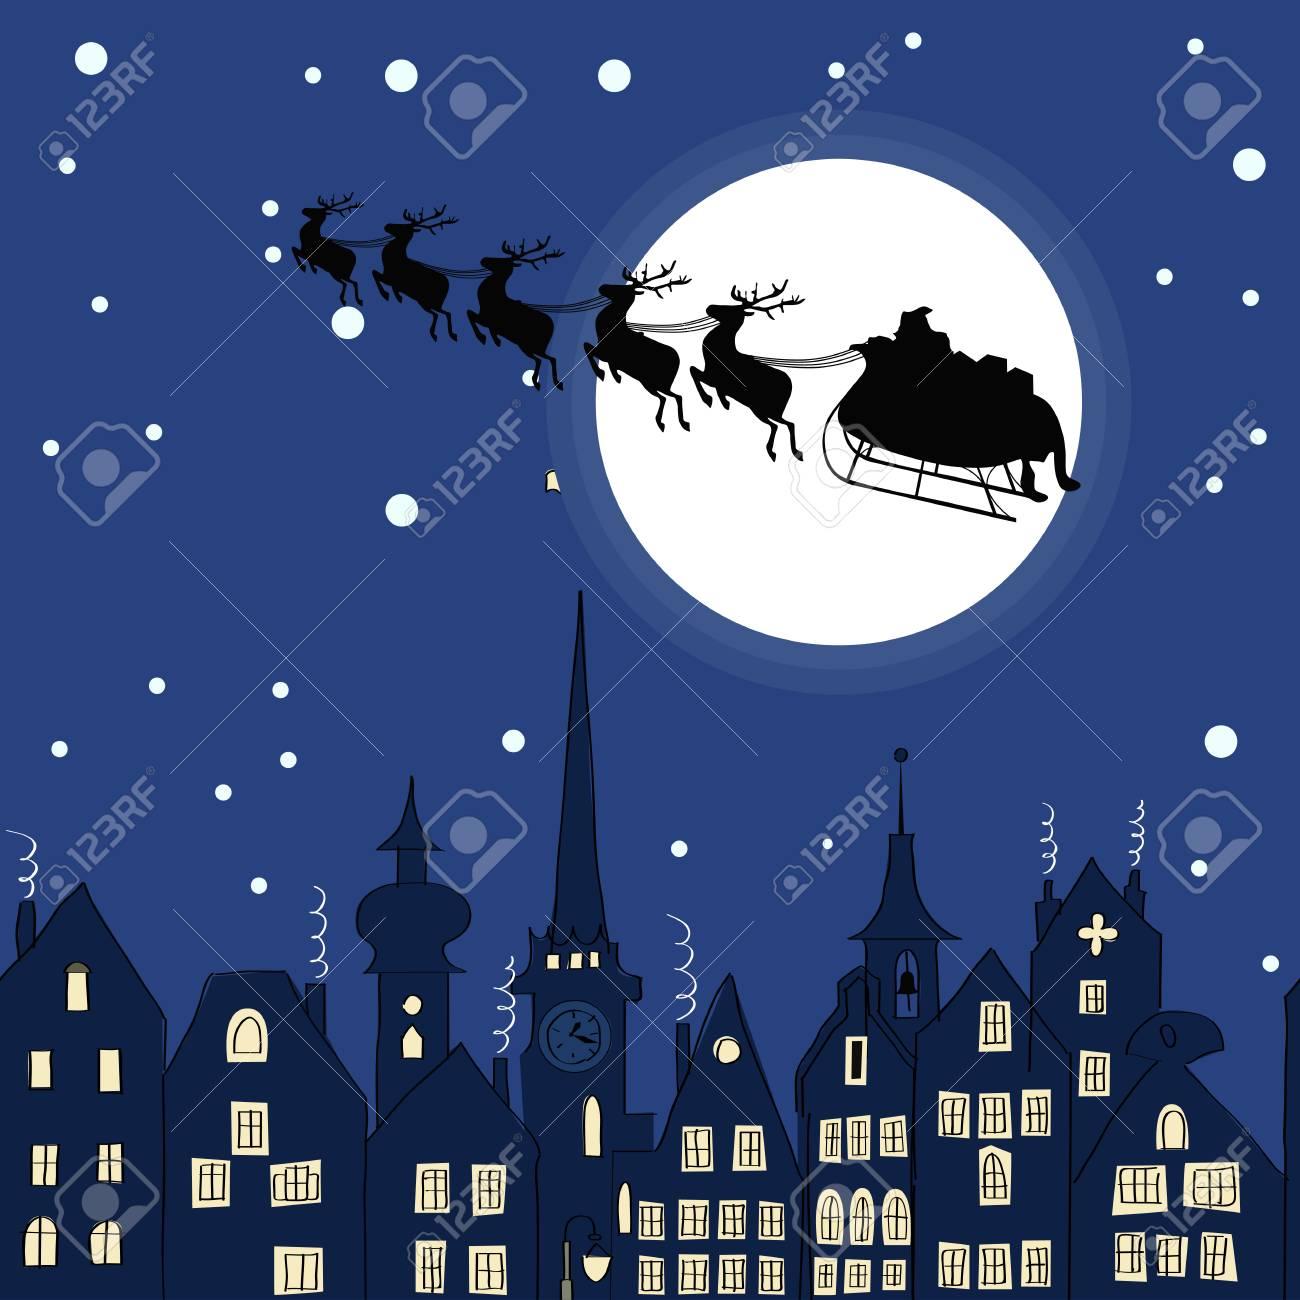 Babbo Natale Con Le Renne.Vettoriale Babbo Natale Con Le Renne Slitta Attraverso Una Notte